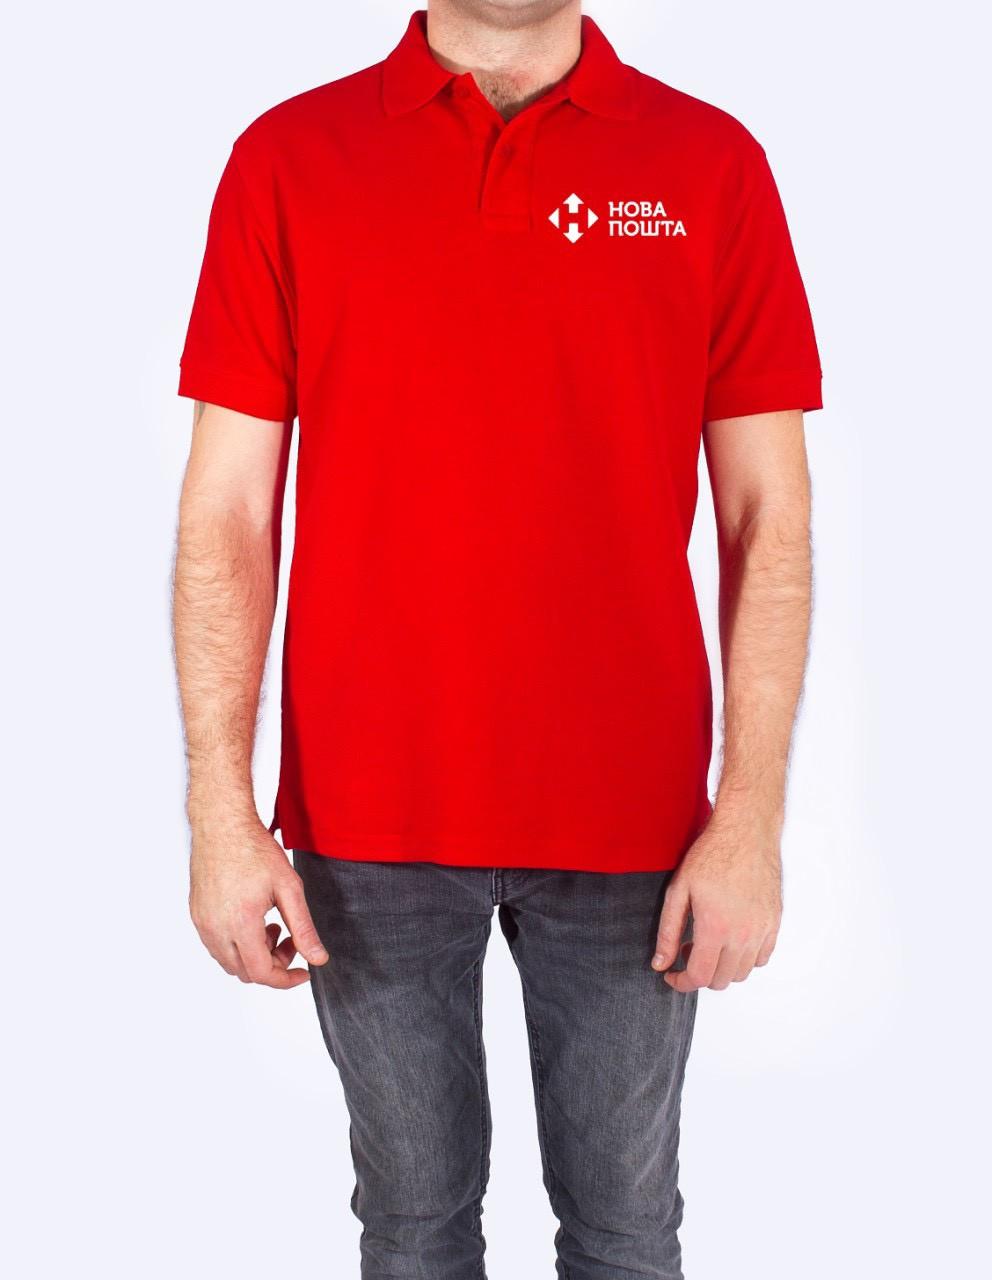 Мужская футболка-поло JHK POLO REGULAR MAN красная с логотипом Новая Почта